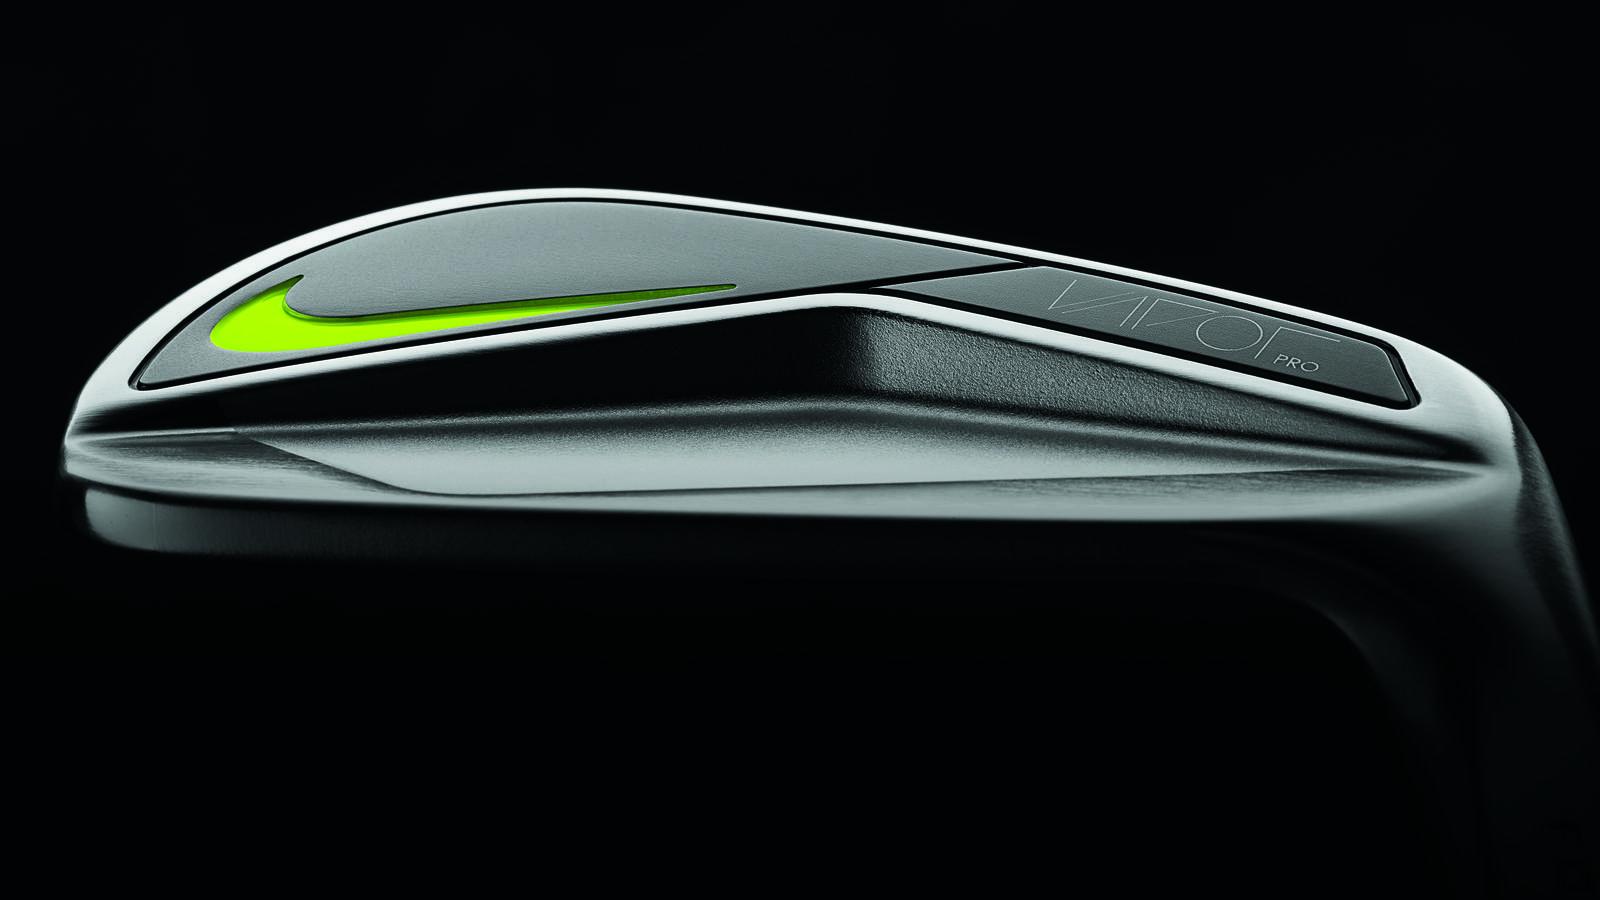 Nike Vapor Pro detail